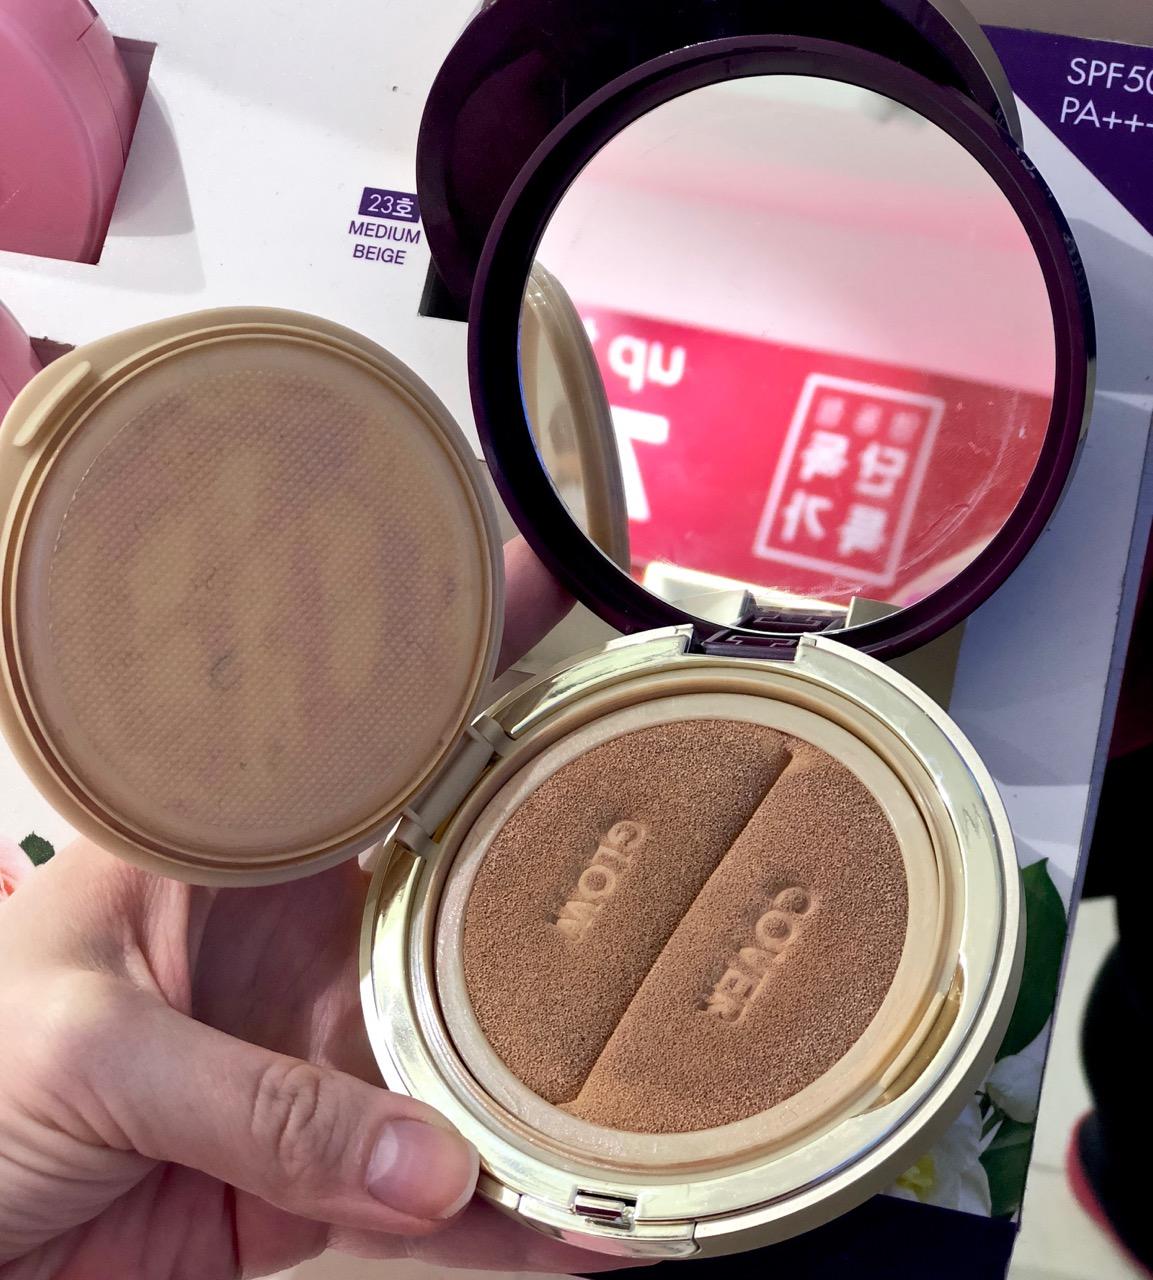 Tällaiset kosmetiikkatuotteet ovat nyt trendikkäitä Koreassa Ostolakossa Virve Vee